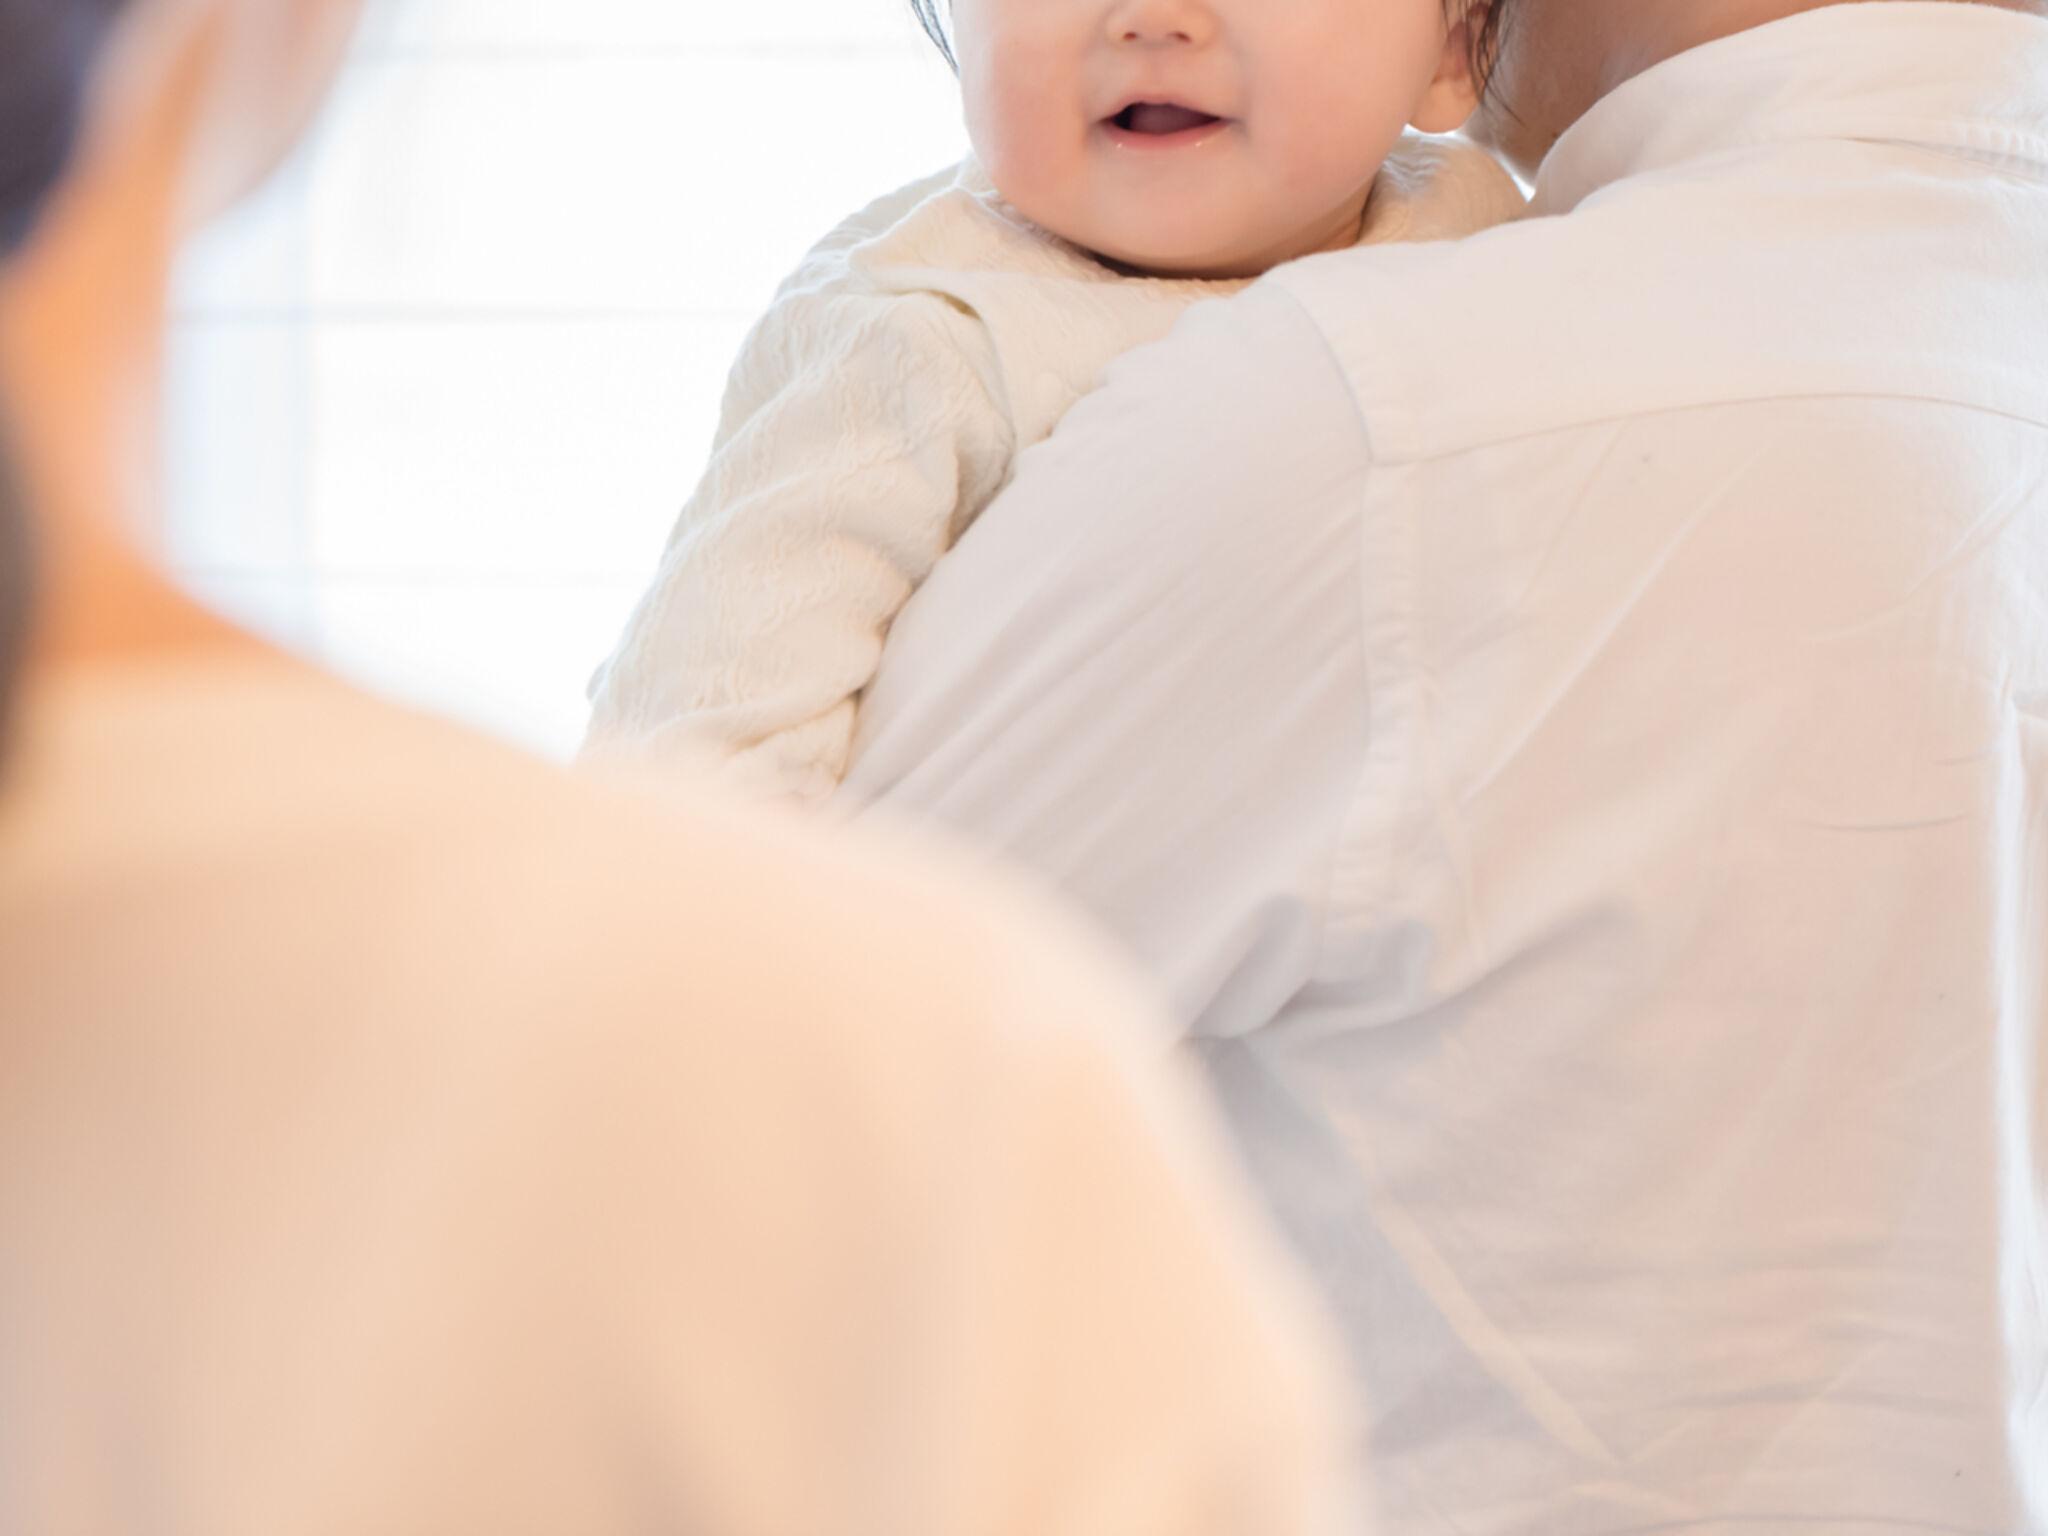 子どもを抱いている父親を見ている母親の画像